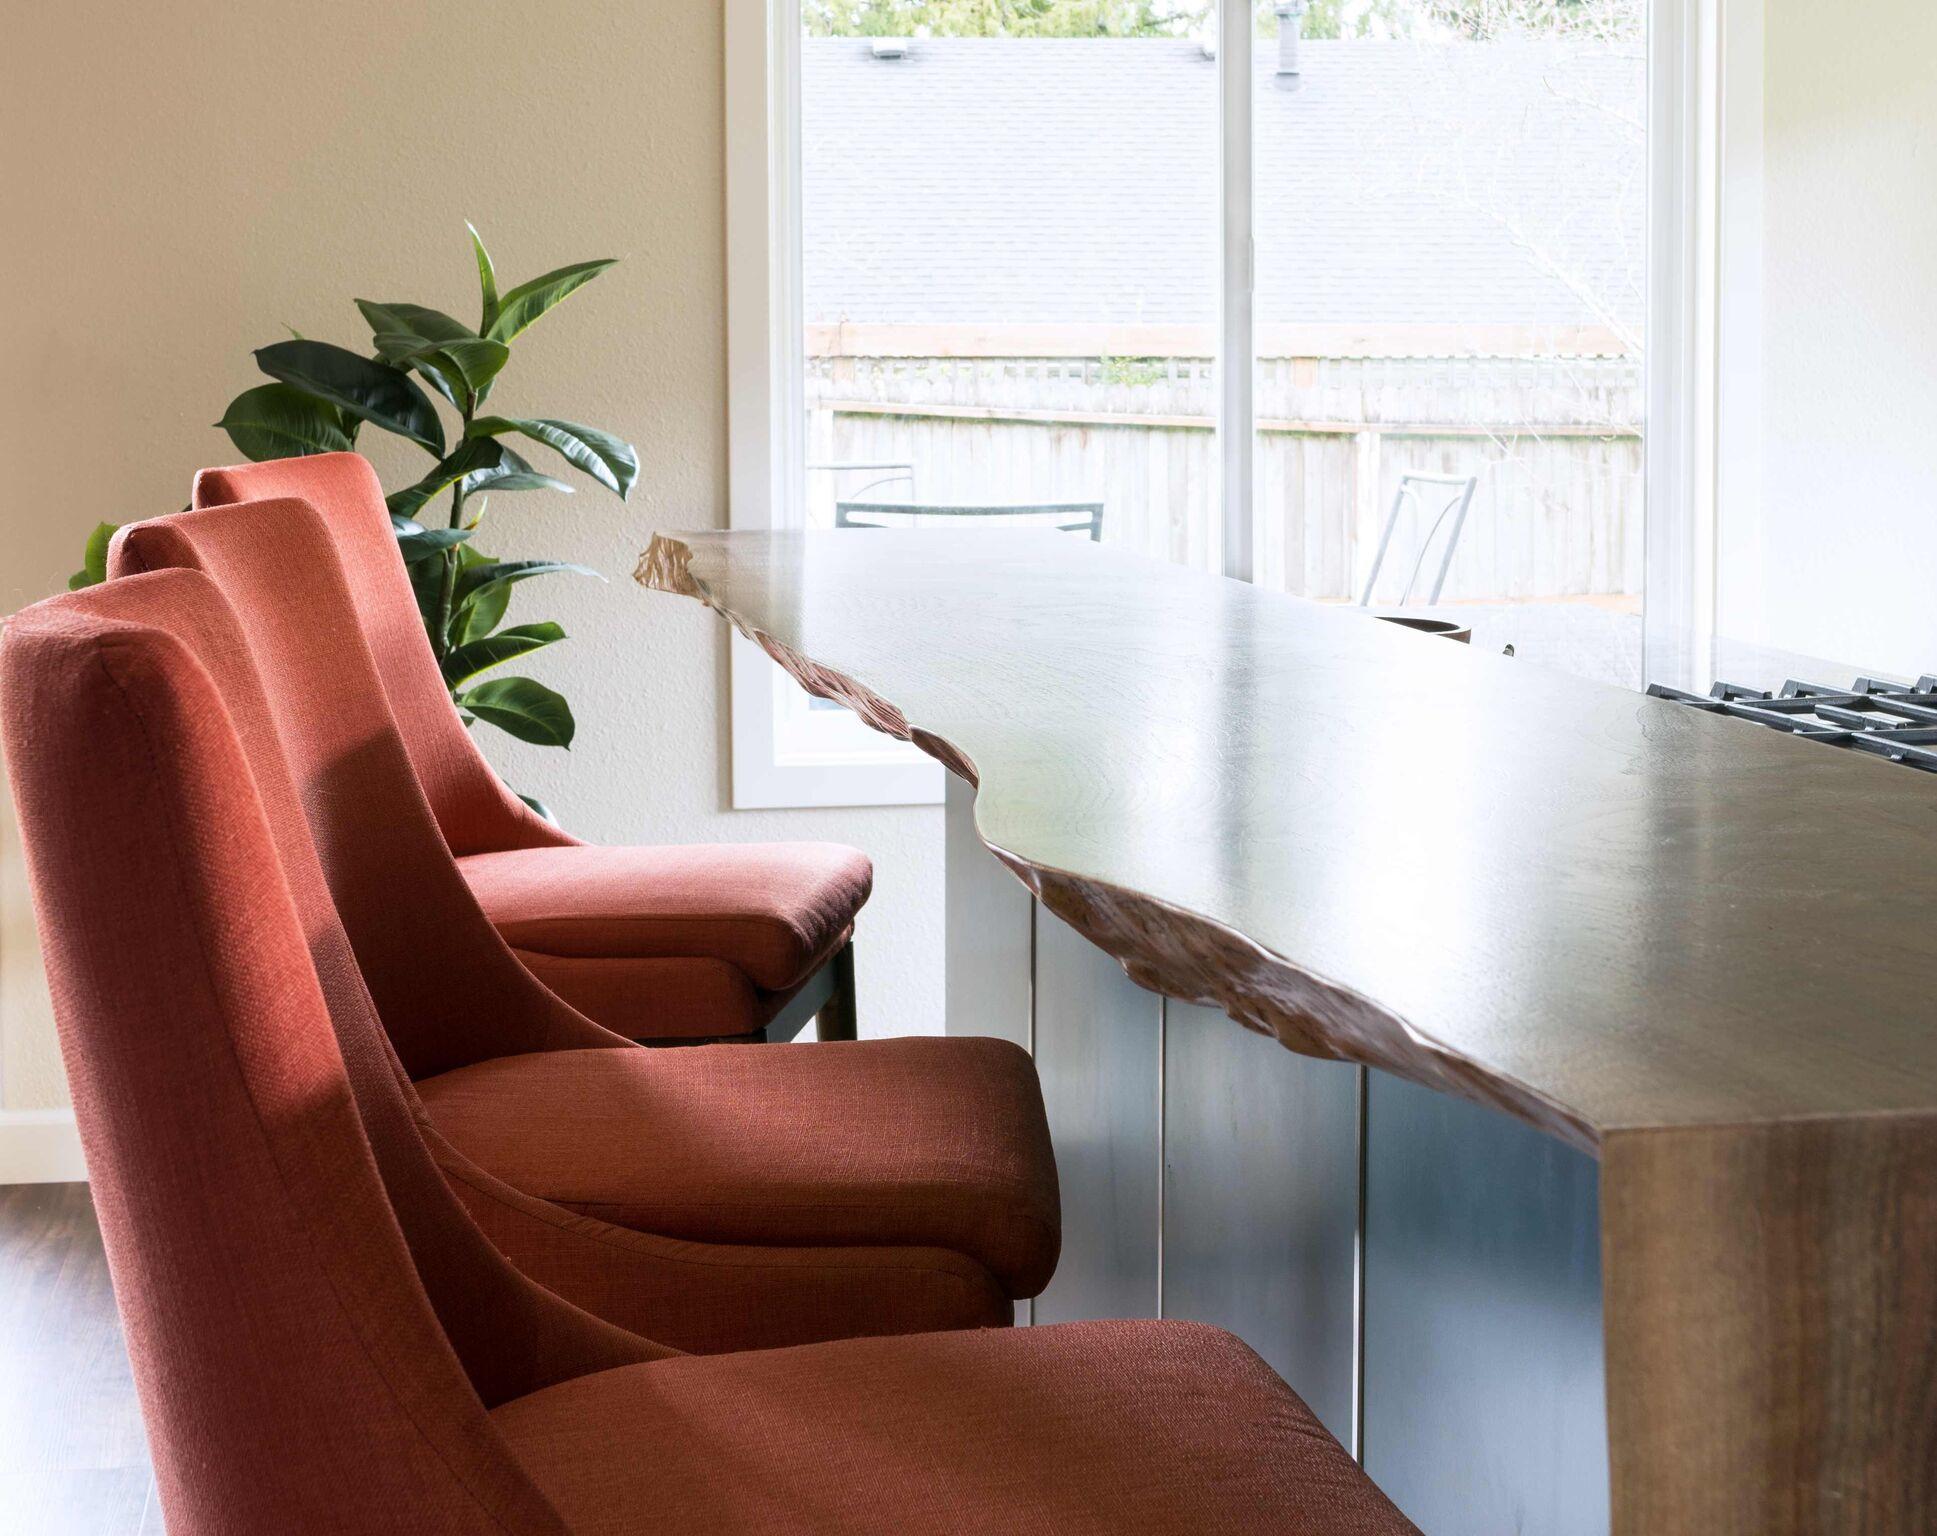 kitchen-design-kitchen-island-bar-stools